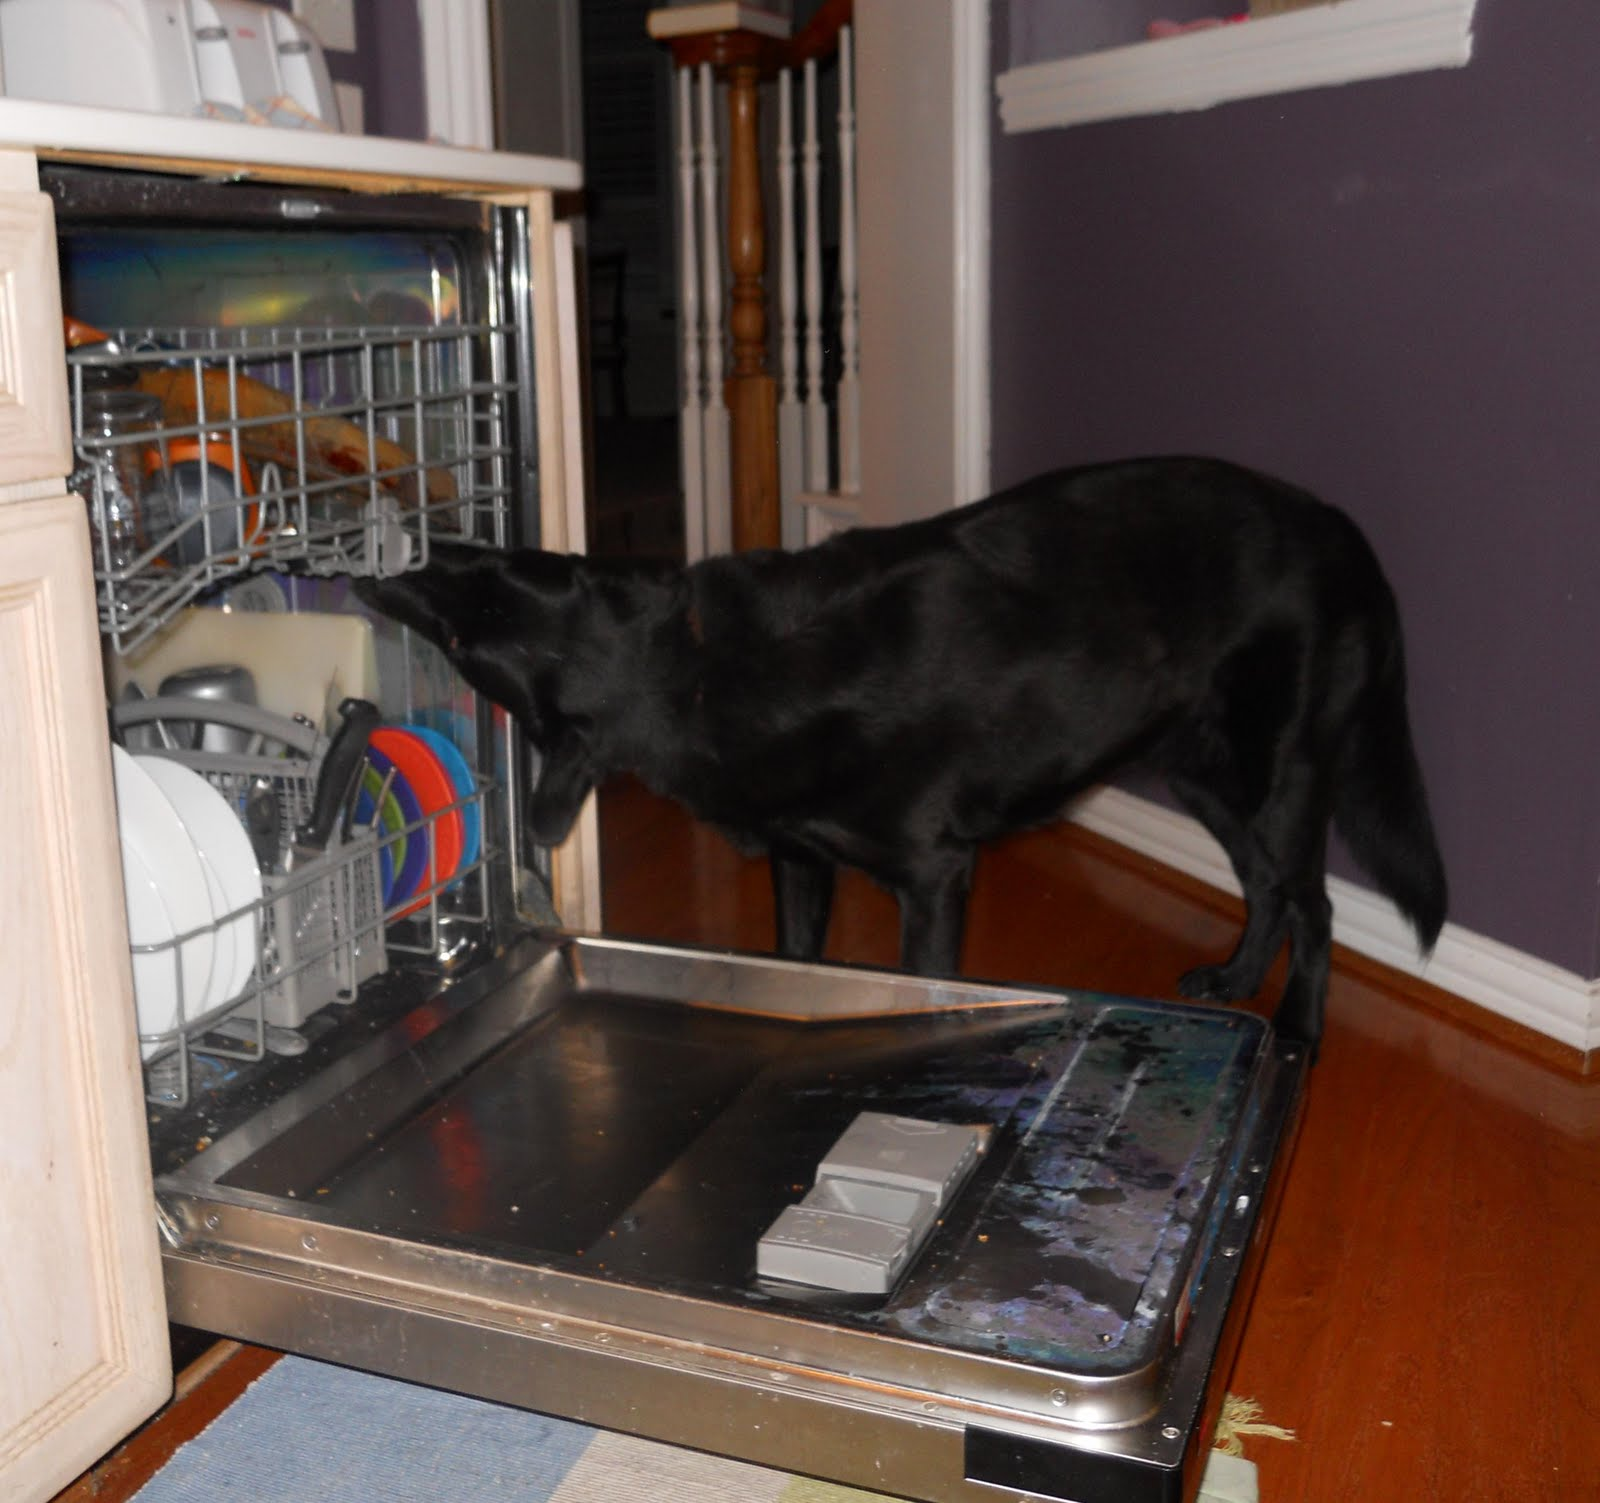 http://2.bp.blogspot.com/_-Ij2NG6N34w/TEkhyfil0FI/AAAAAAAABUQ/eIK9MEuQbcI/s1600/elvis+dishwasher.jpg